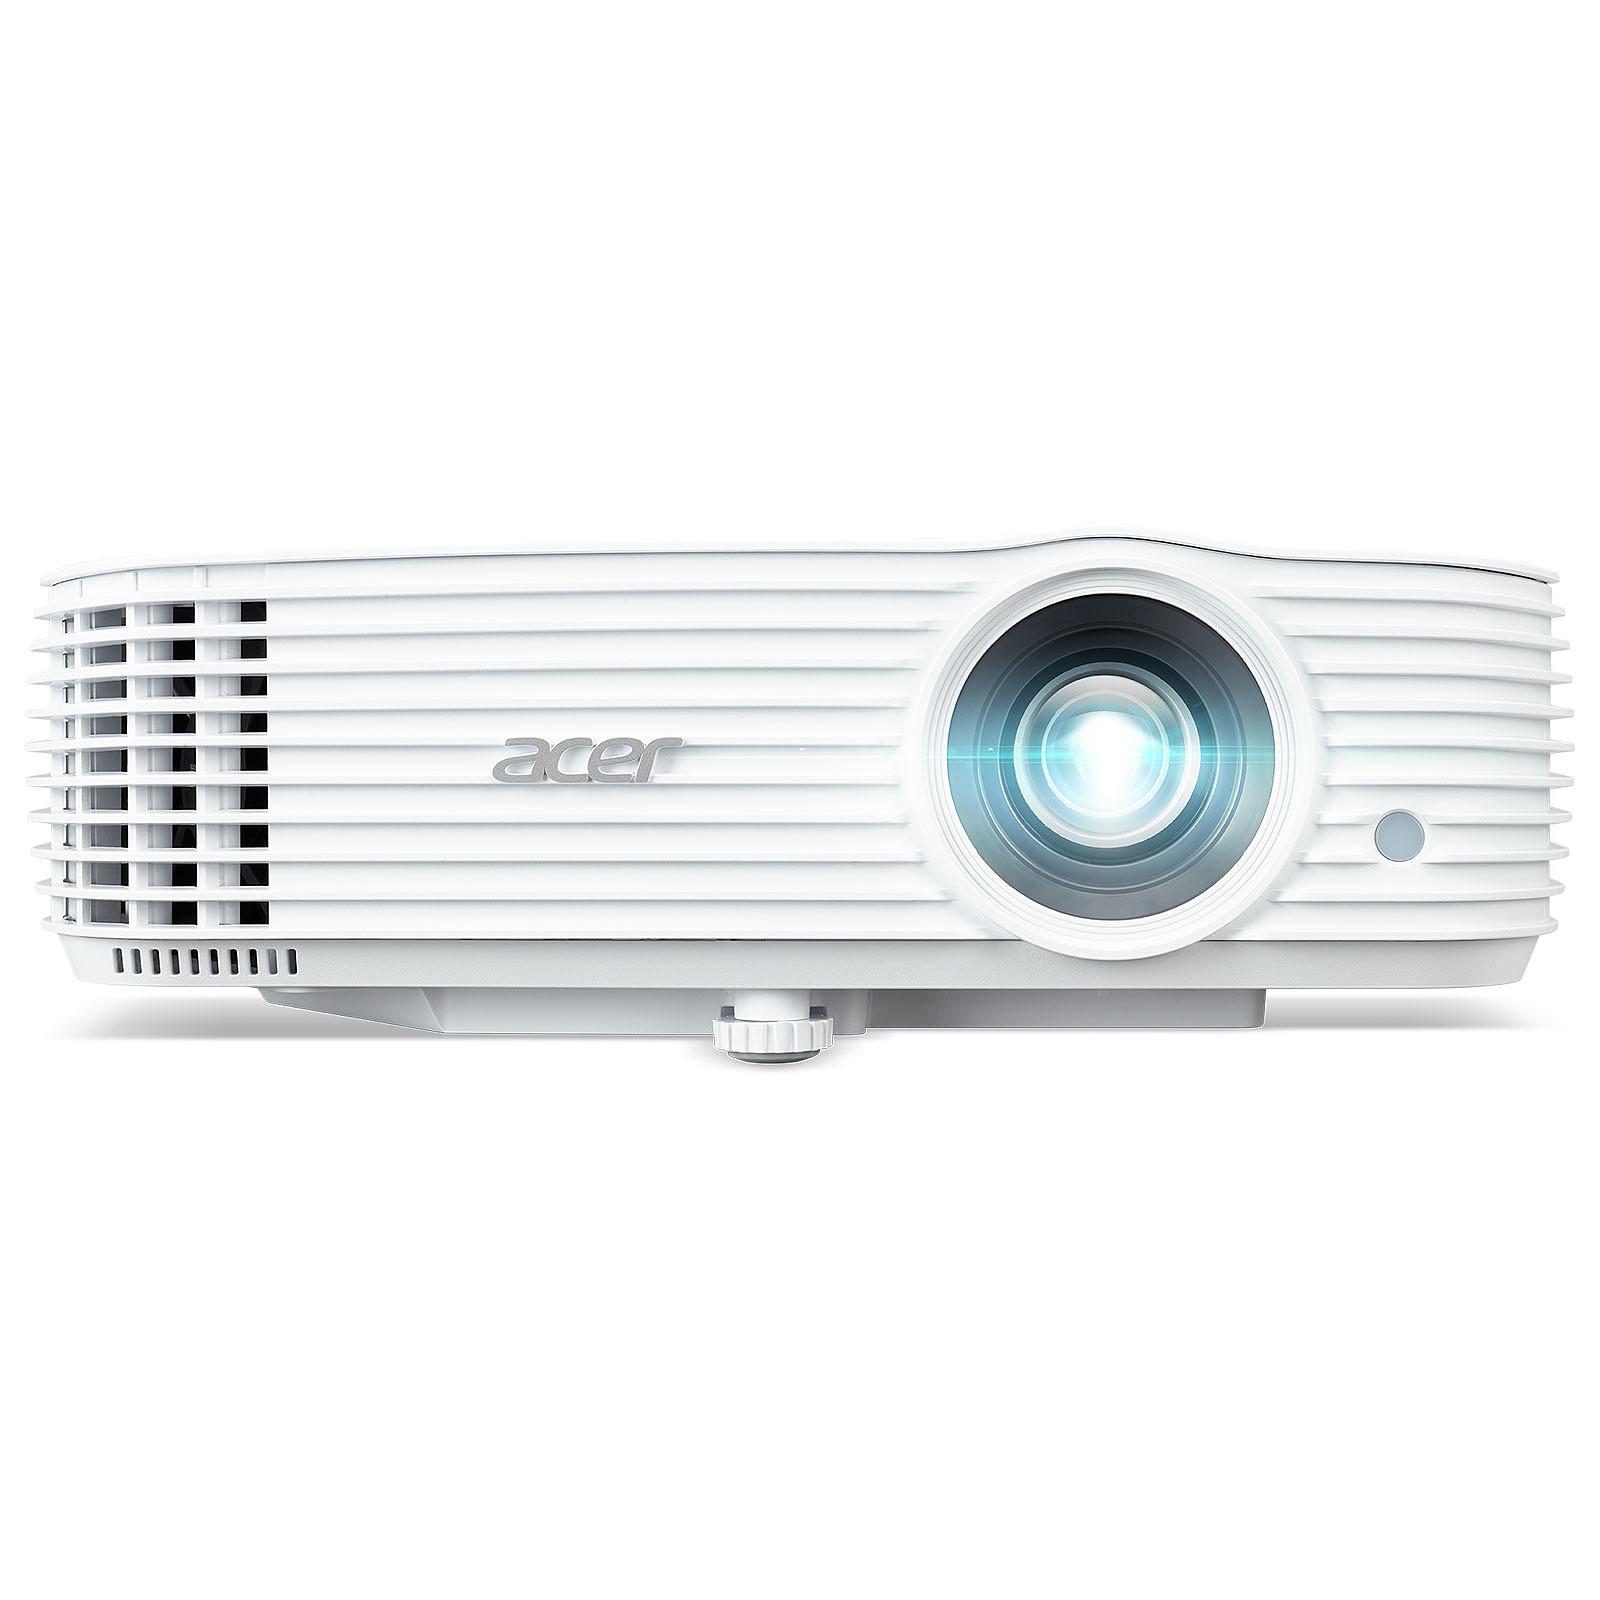 Acer X1626AH